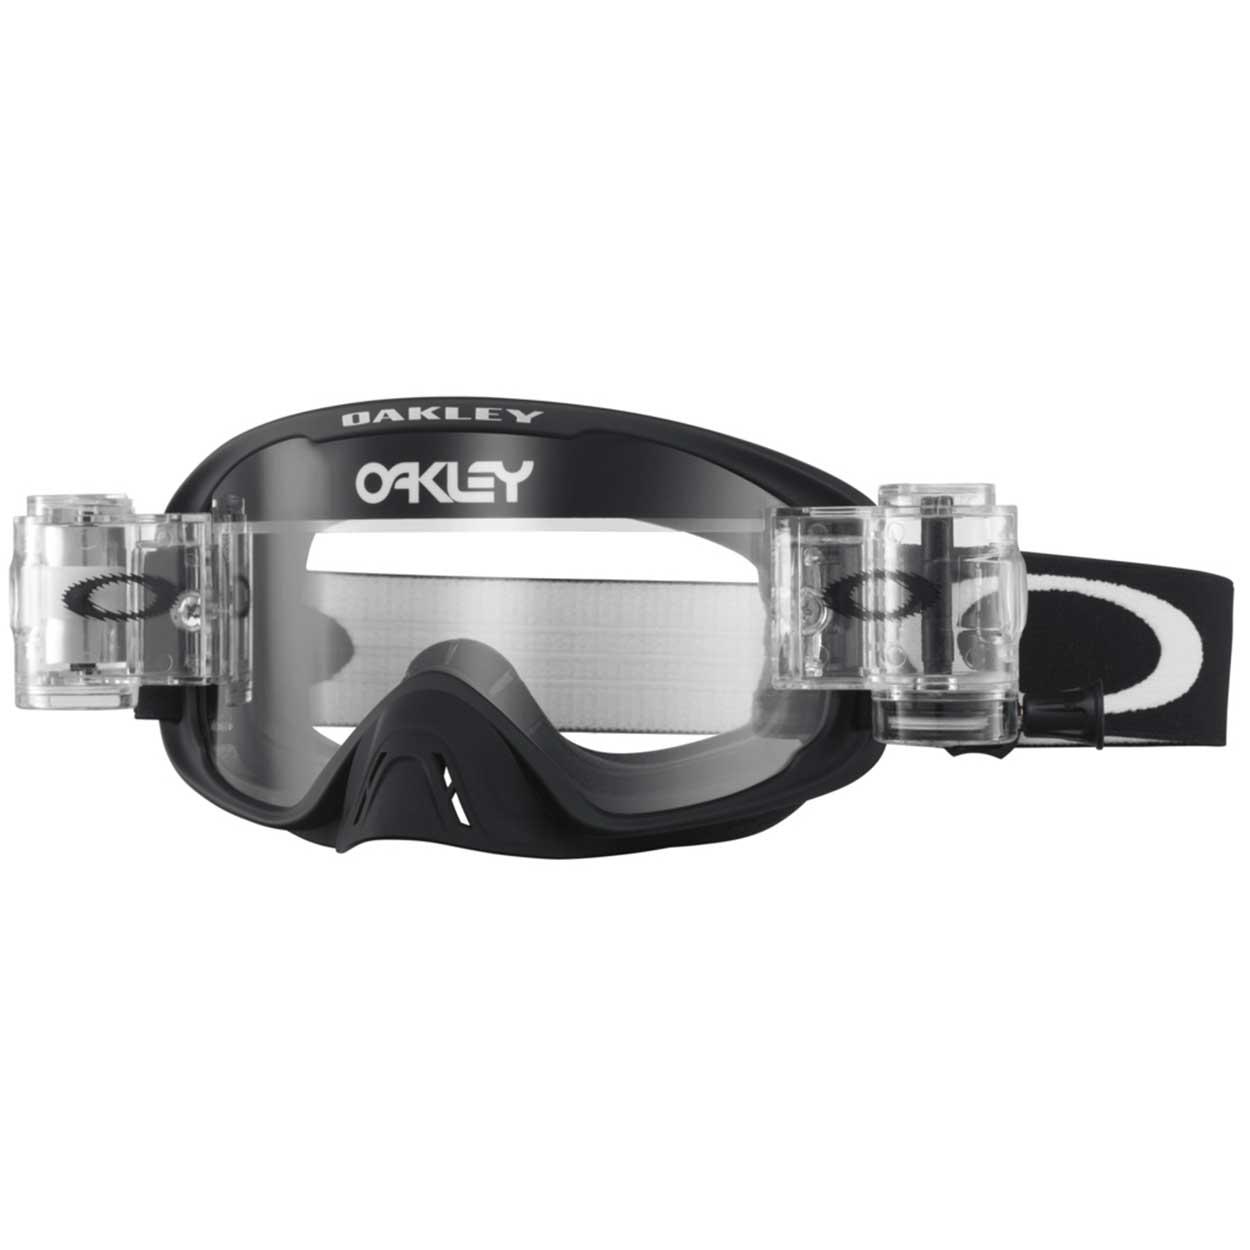 Oakley O-frame 2.0 MX Race Ready Roll-Off Matte Black